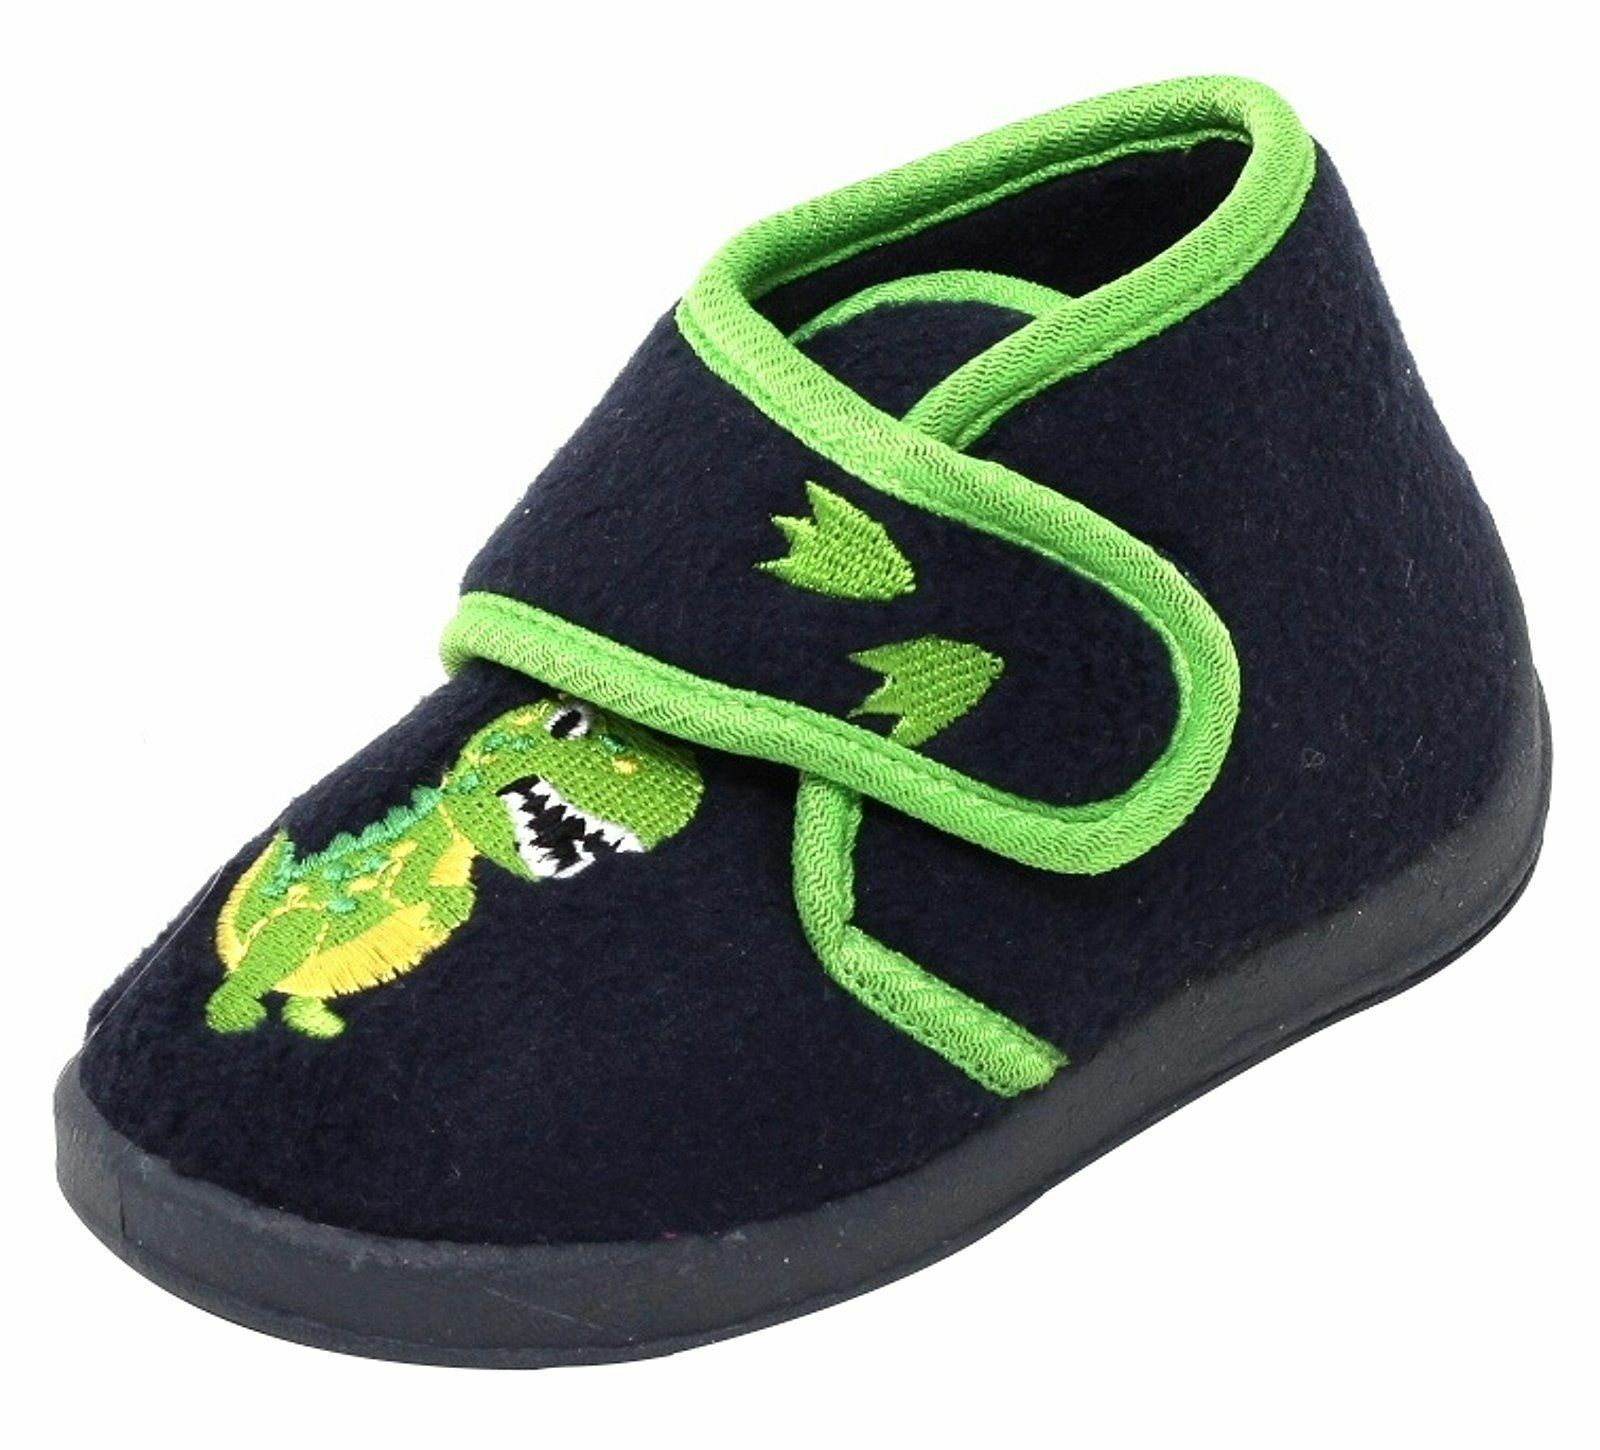 Jungen Fleece Hausschuhe Dino Klettverschluss Gr. 22-25 Slipper Kinder Schuhe